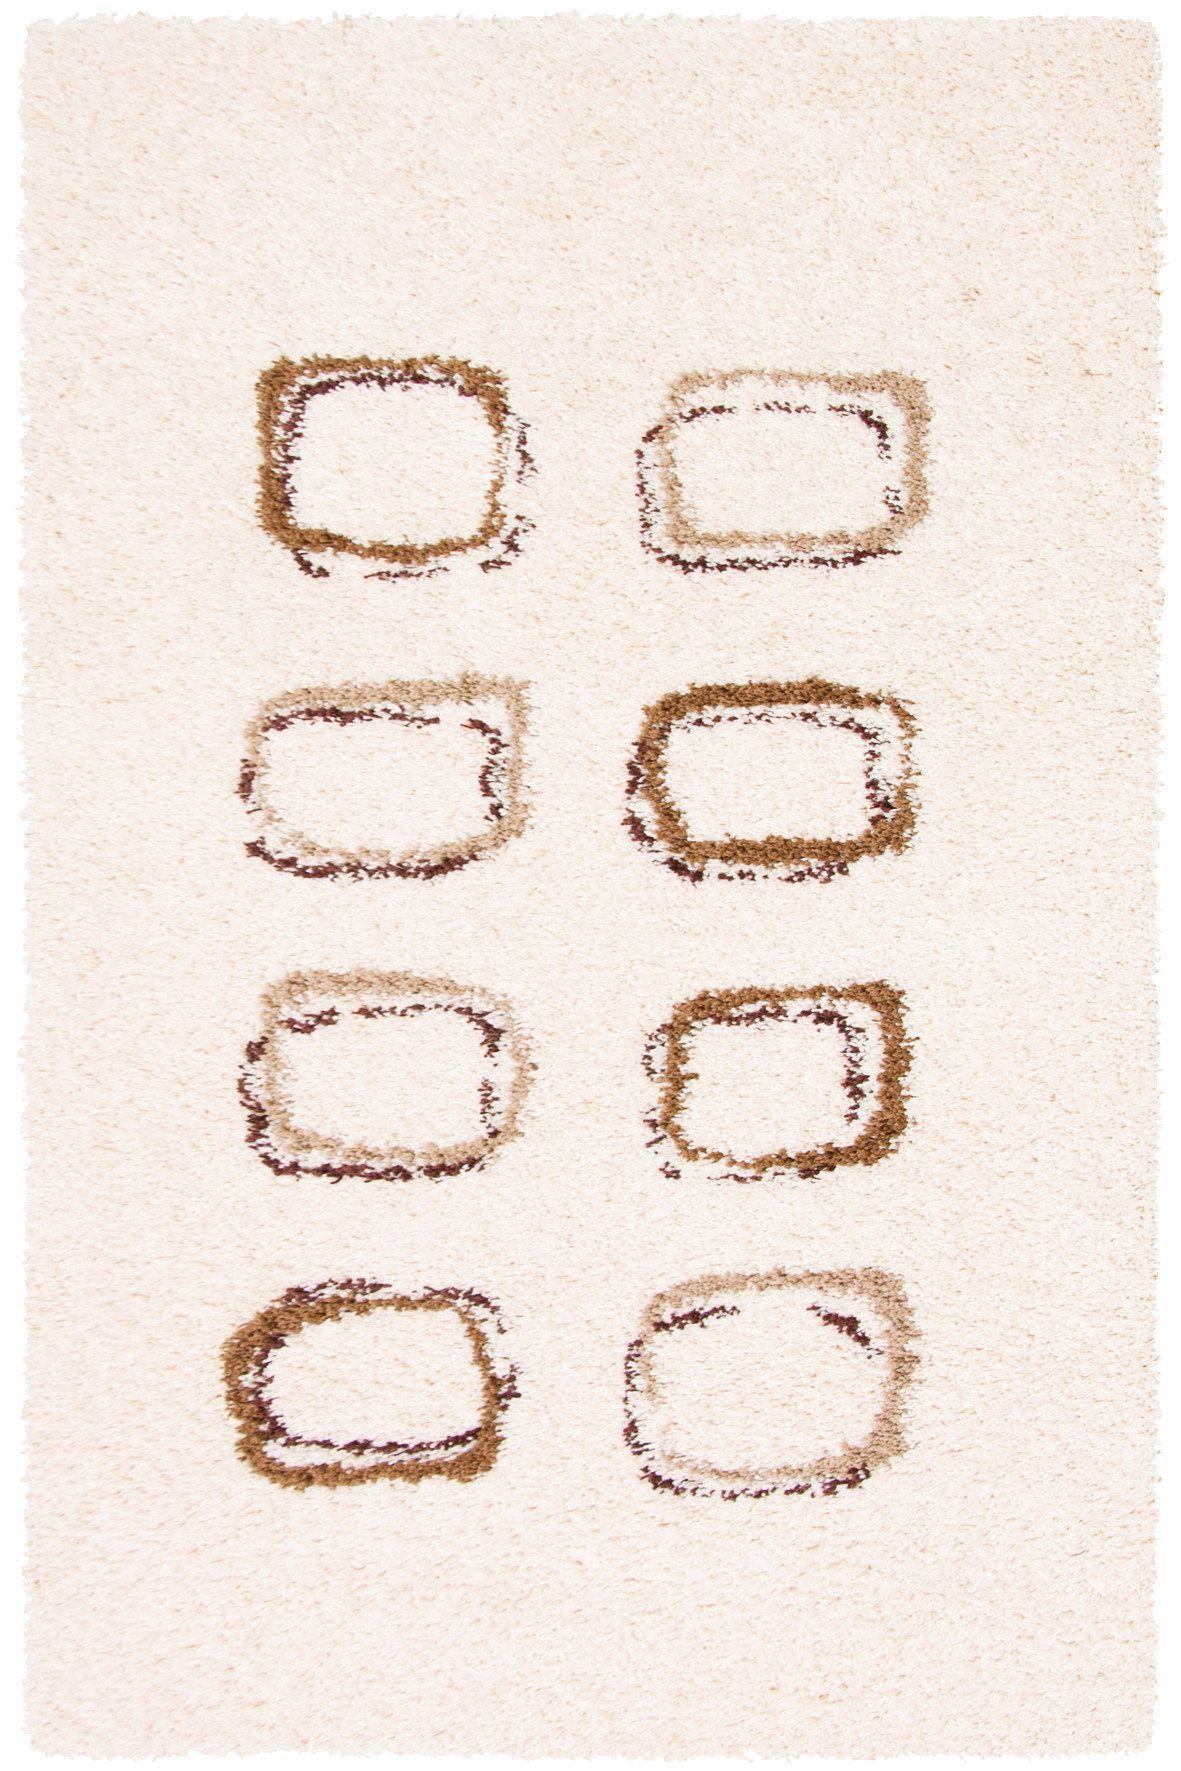 Ковер Sintelon Babylon (арт.L 03VEV) 1400*2000ммКовры с длинным ворсом<br><br><br>Артикул: L 03VEV<br>Бренд: Sintelon<br>Страна-изготовитель: Сербия<br>Форма ковра: прямоугольник<br>Материал ворса коврового покрытия: Полипропилен<br>Высота ворса коврового покрытия (мм): 30<br>Длина ковра (мм): 2000<br>Ширина ковра (мм): 1400<br>Цвет коврового покрытия: Белый